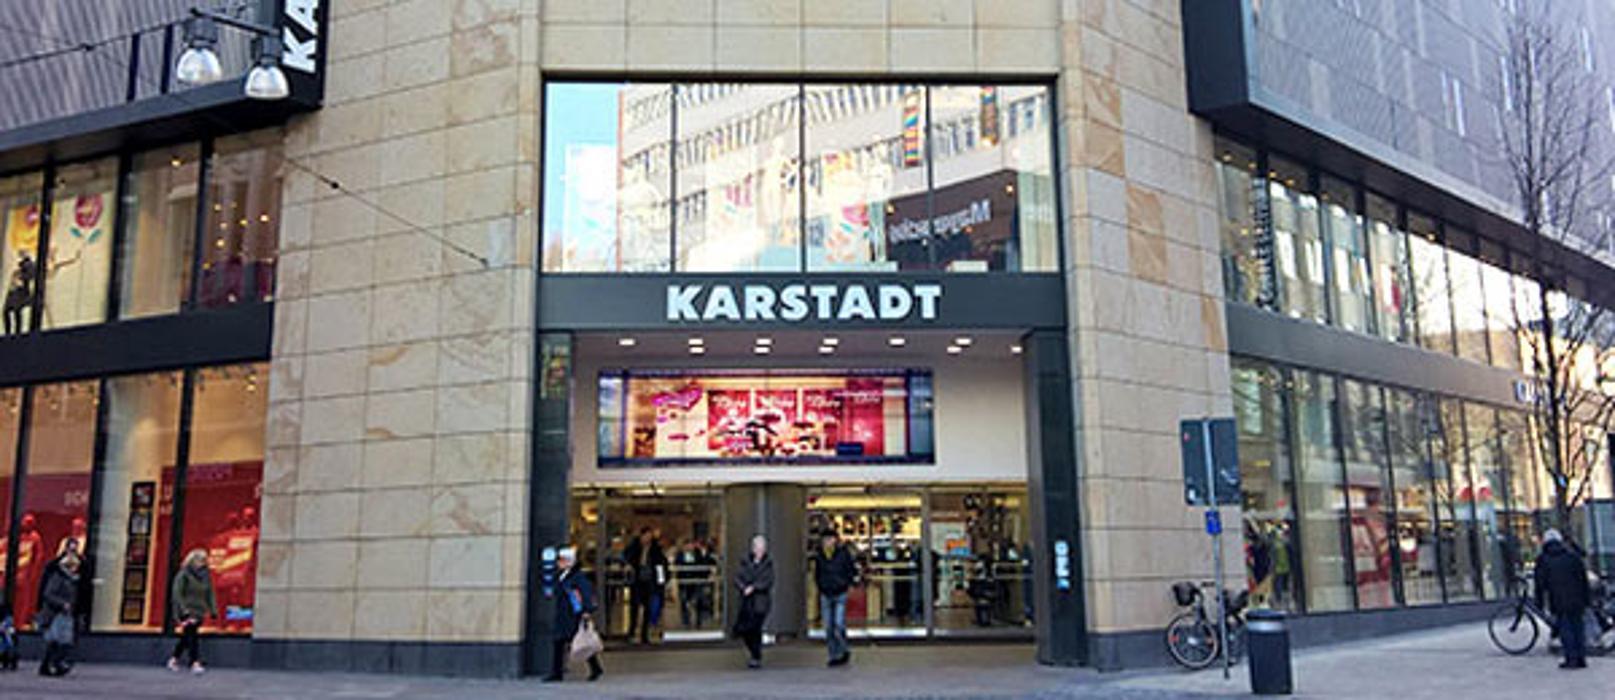 Karstadt Dortmund, Westenhellweg in Dortmund